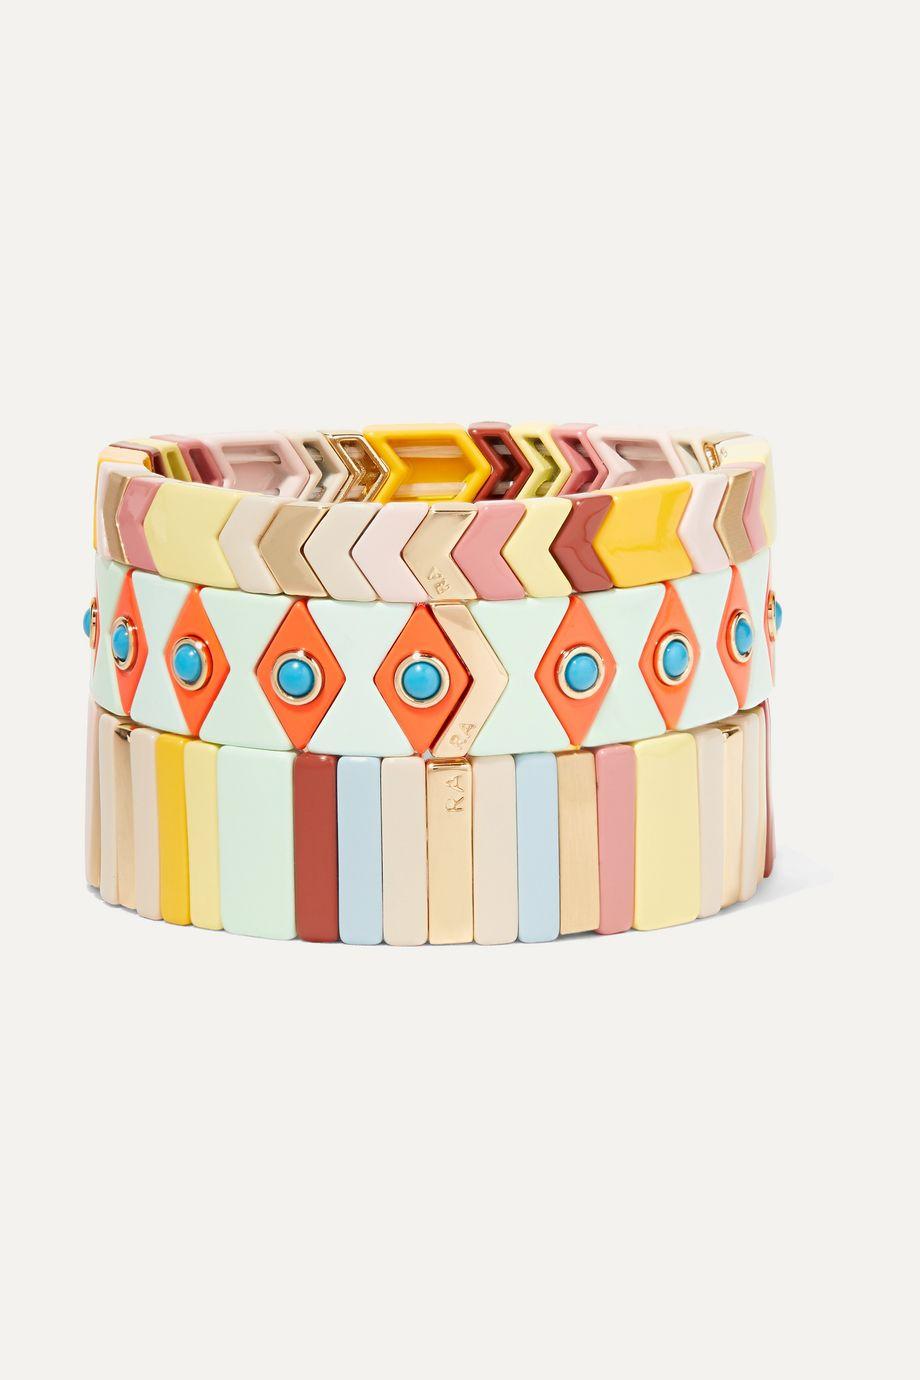 록산느 애슐린 팔찌 Roxanne Assoulin Gelato set of three enamel and gold-tone bracelets,White